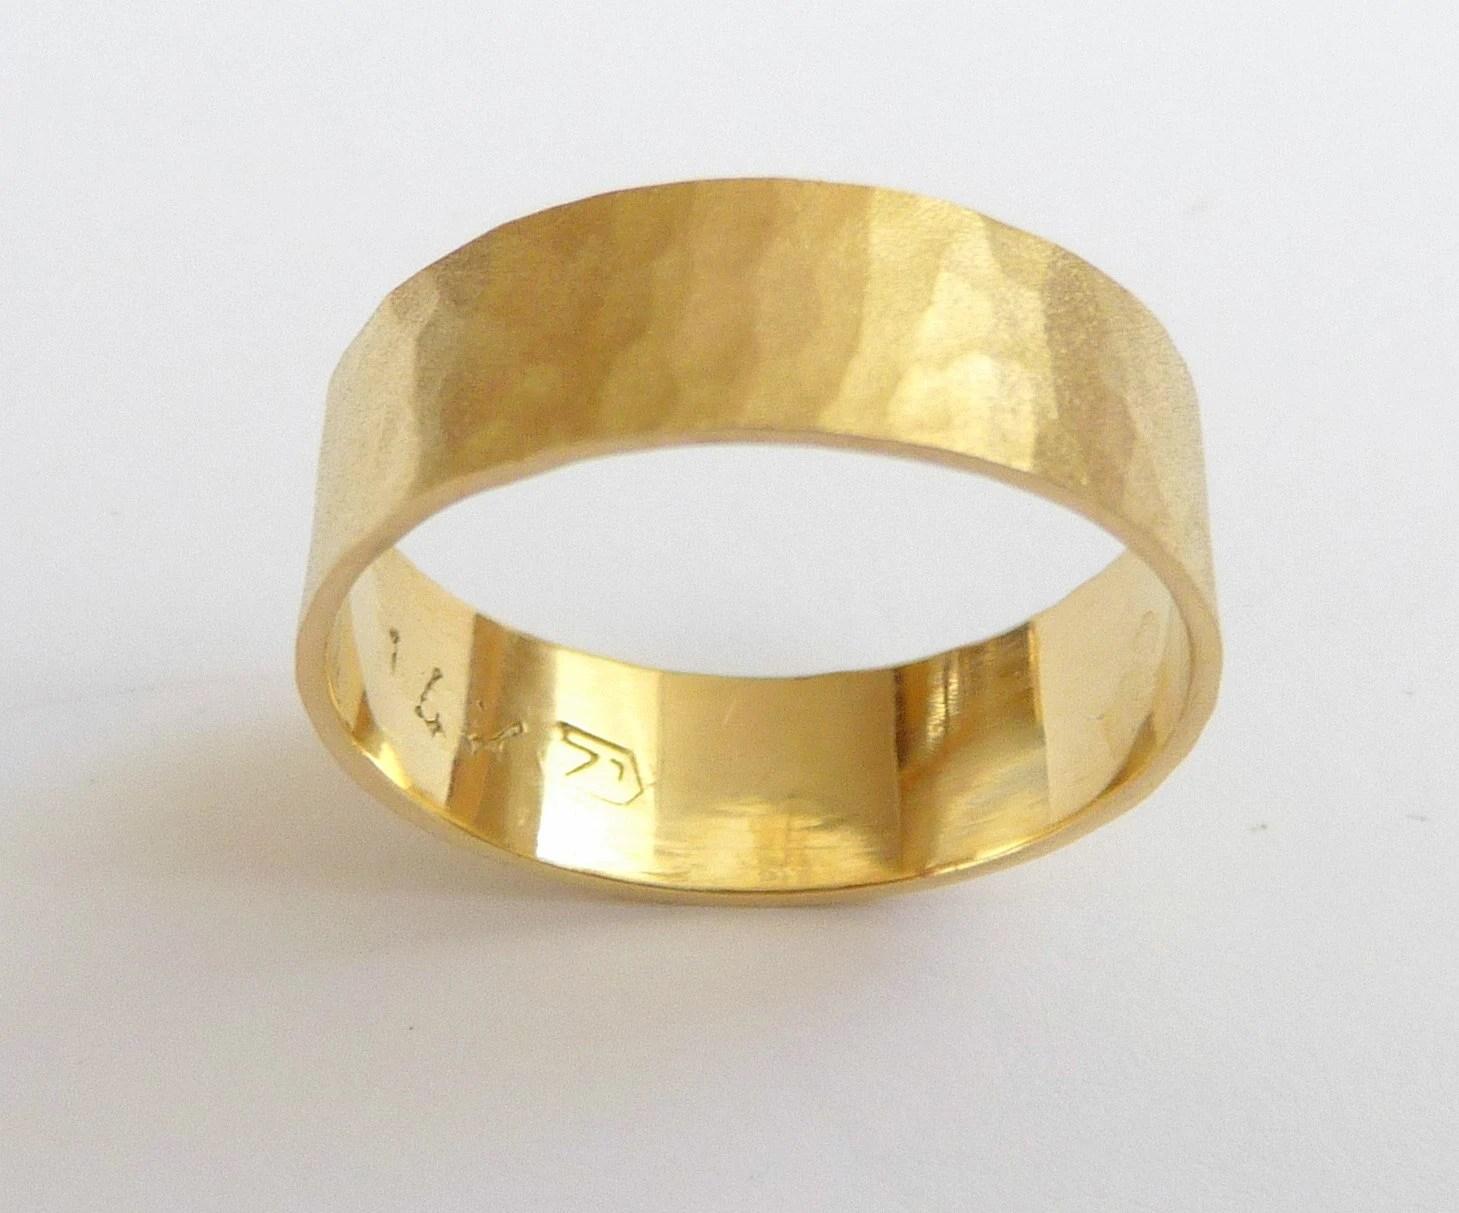 Gelbes gold Mens Eheringe Frauen Ehering gehmmert flach mit